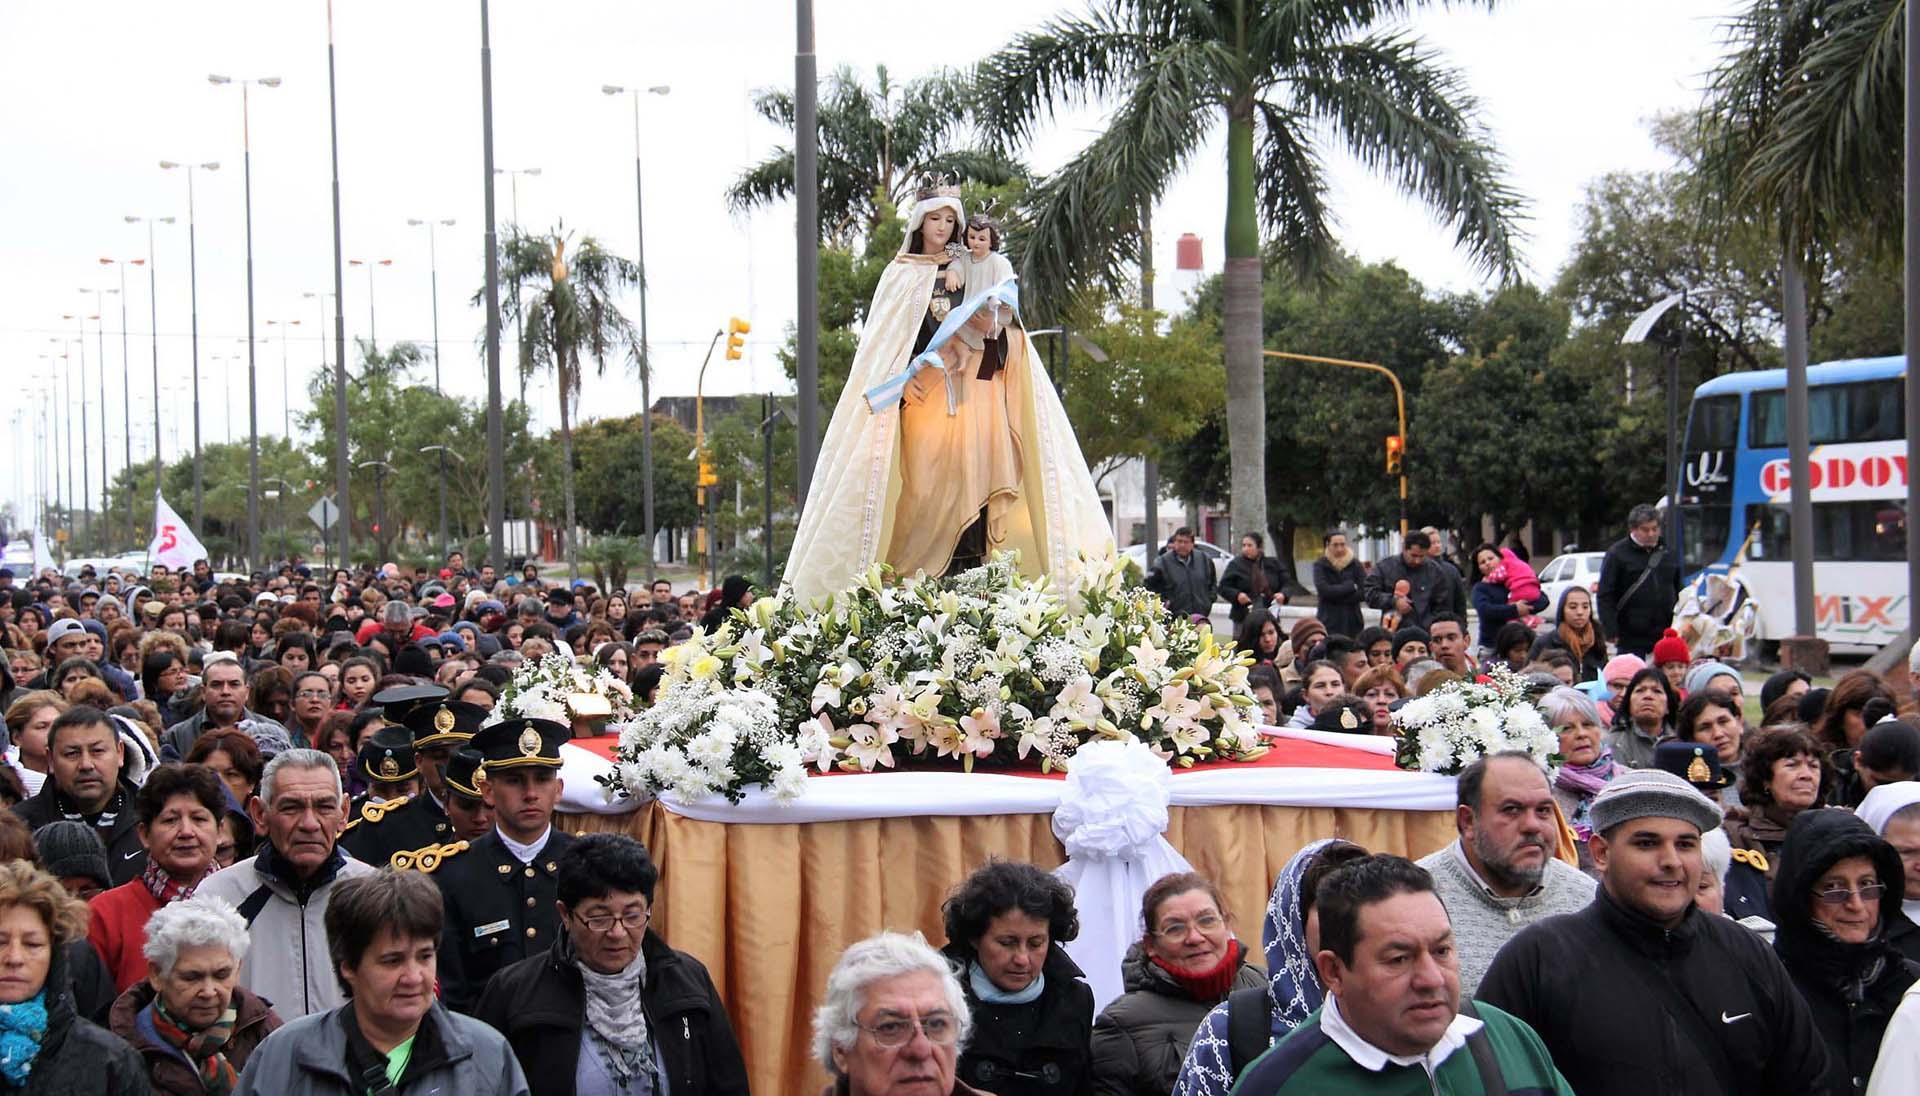 Los formoseños participaron de una procesión masiva en honor a la Virgen del Carmen, patrona de la provincia – Fotos: Nicolás Stulberg – Télam – NA – Reuters